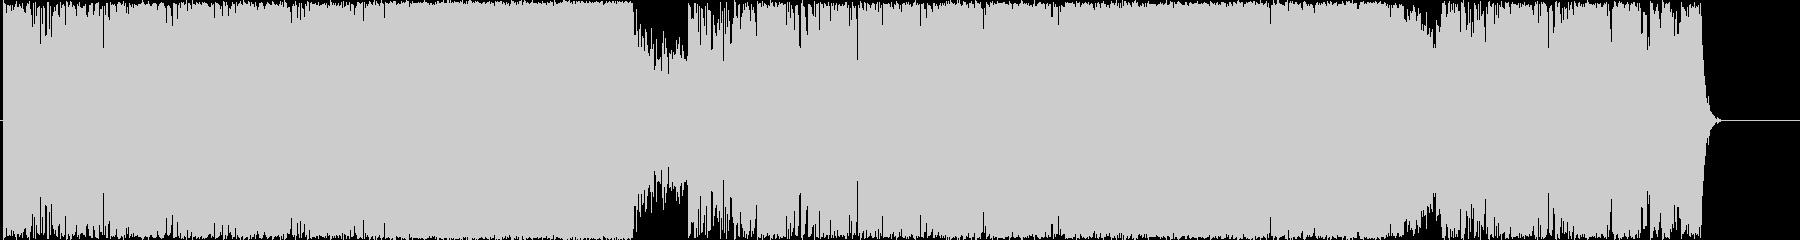 キラキラアトラクションのひと時の未再生の波形